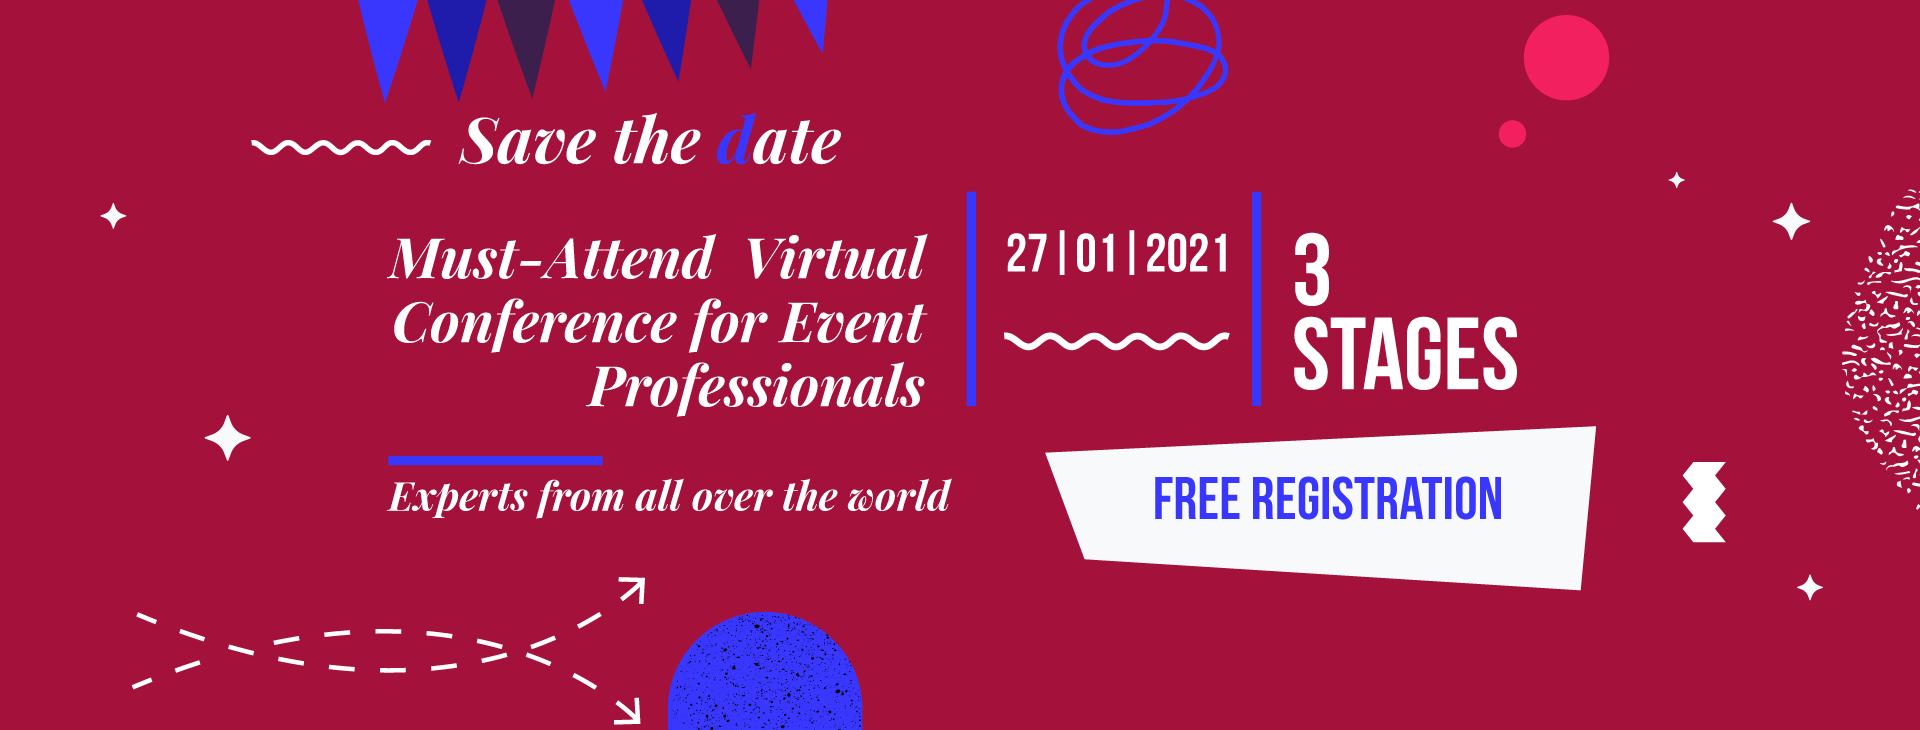 of Change 2021 − międzynarodowe wydarzenie online dla branży eventowej